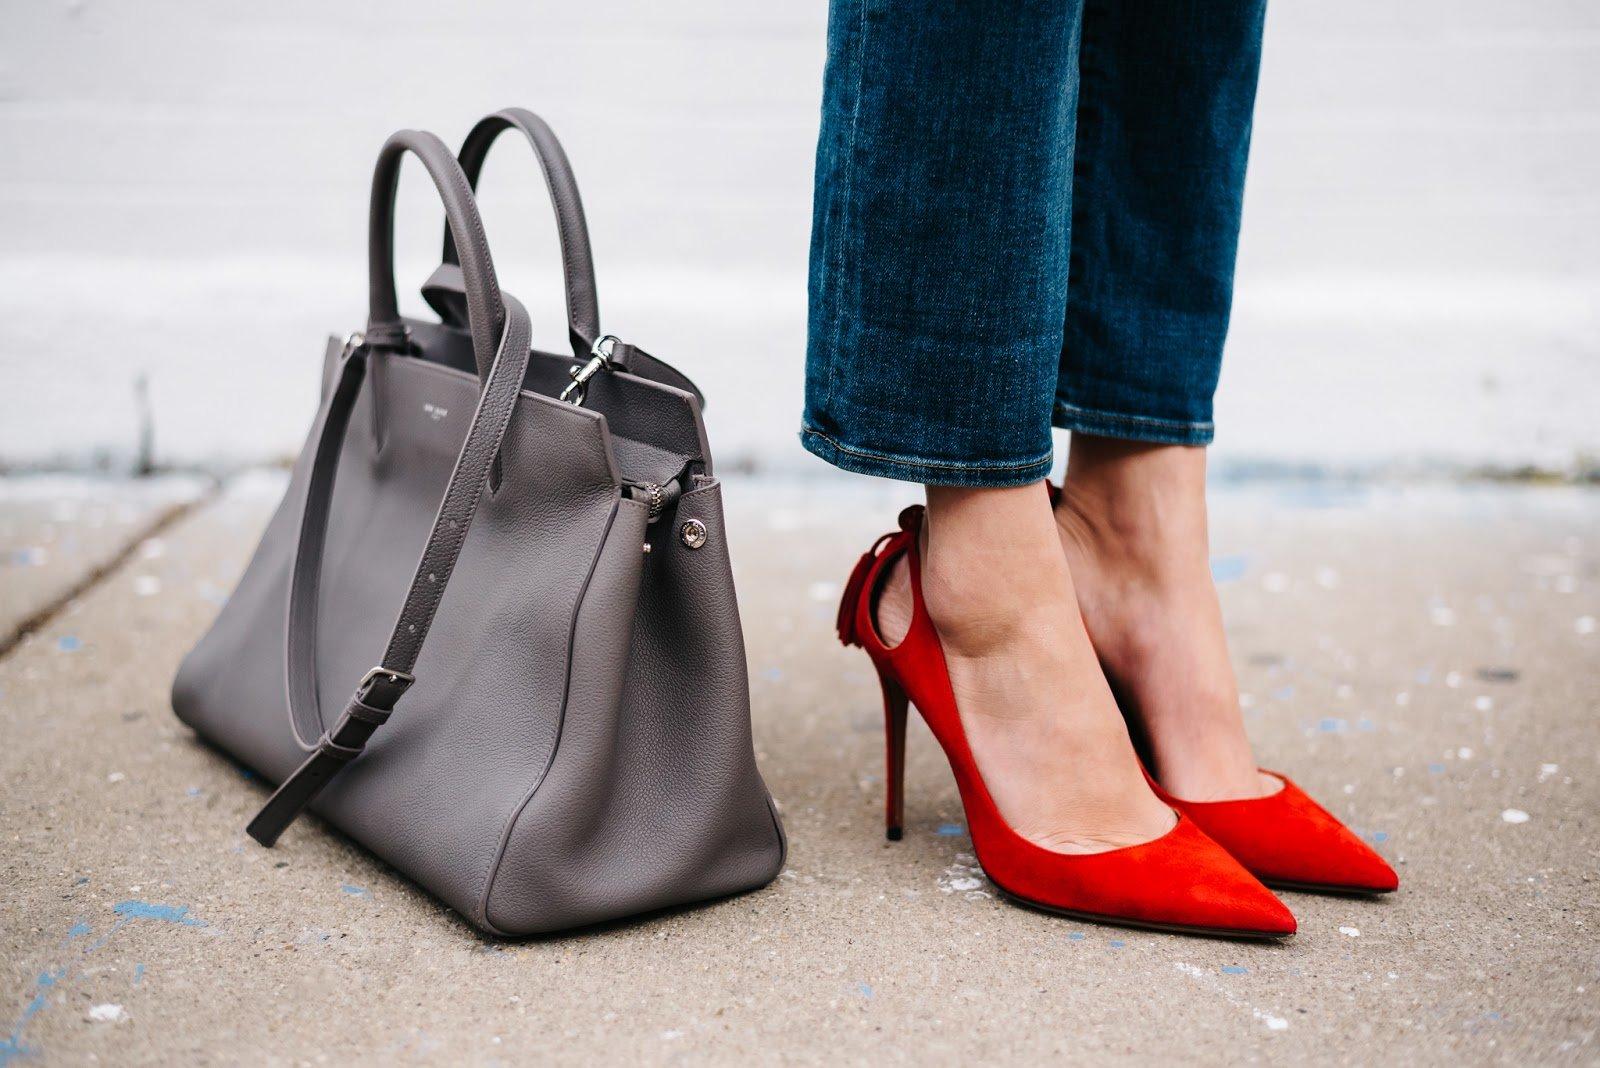 online retailer 50404 70af1 Scarpe Rosse: i Modelli Hot per Donne Chic o Femme Fatale